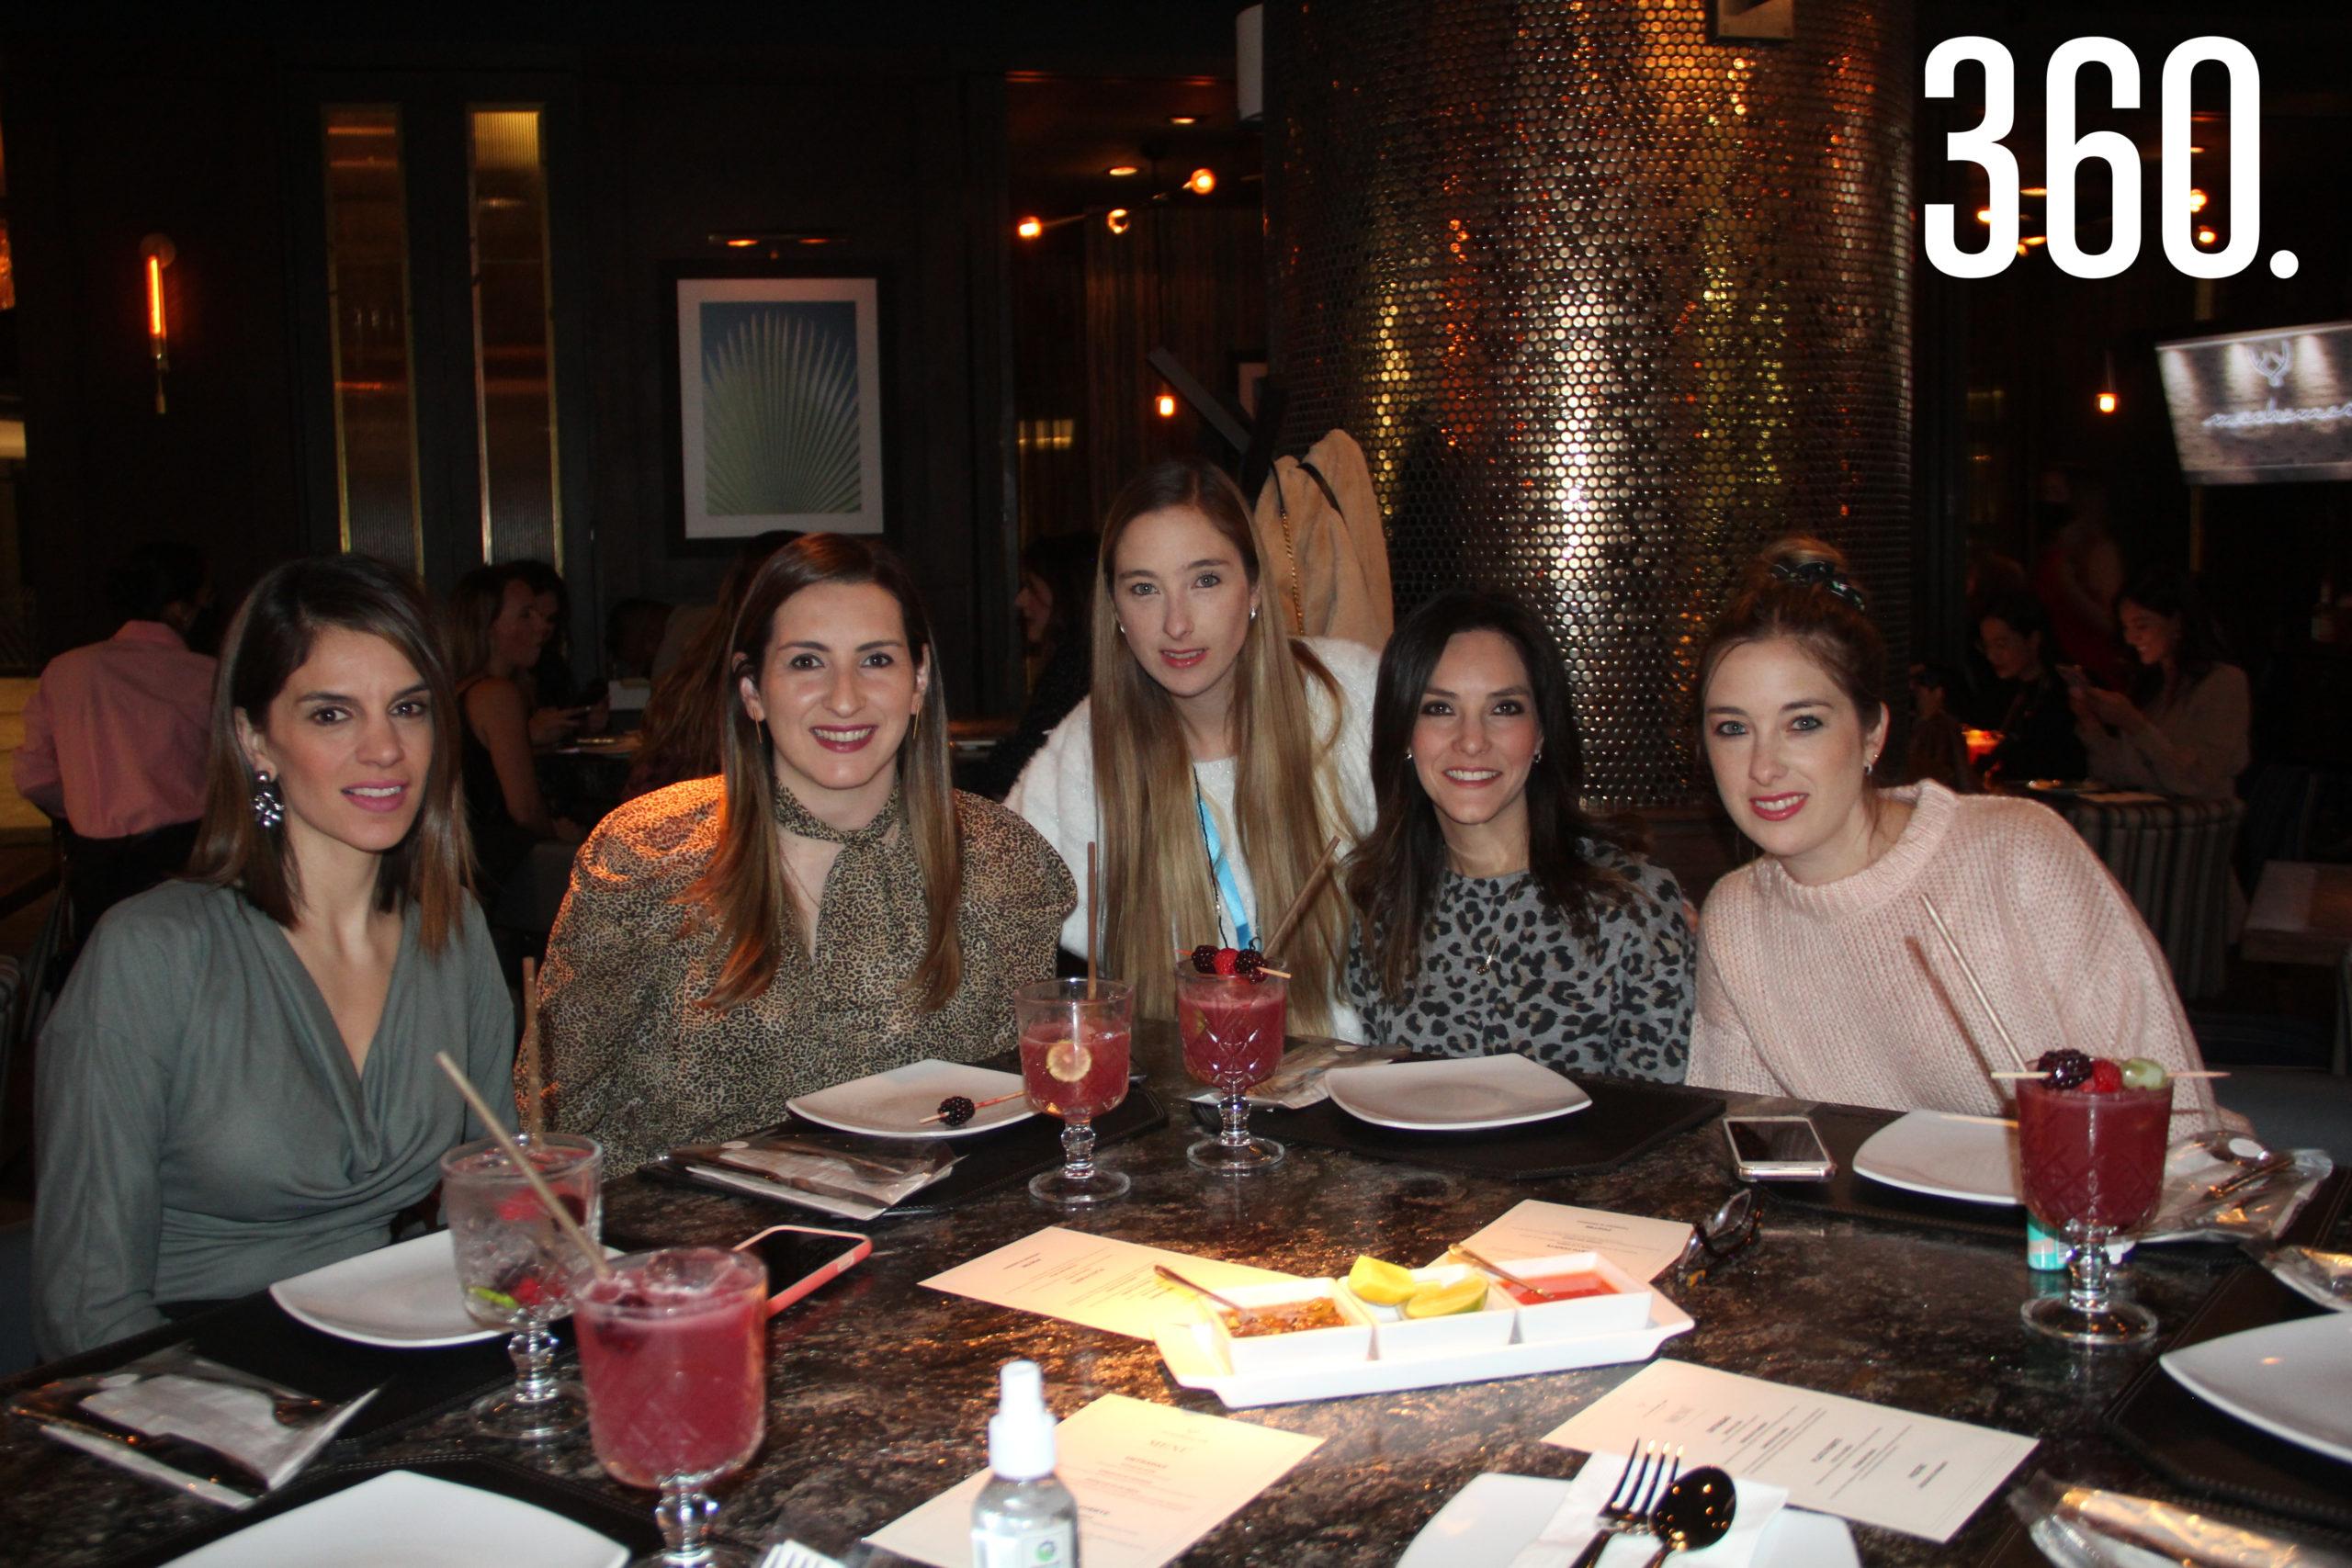 Sofía Menchaca, Paty Elizondo, Anabel Guajardo, Alejandra Gloria y Maribel Guajardo.